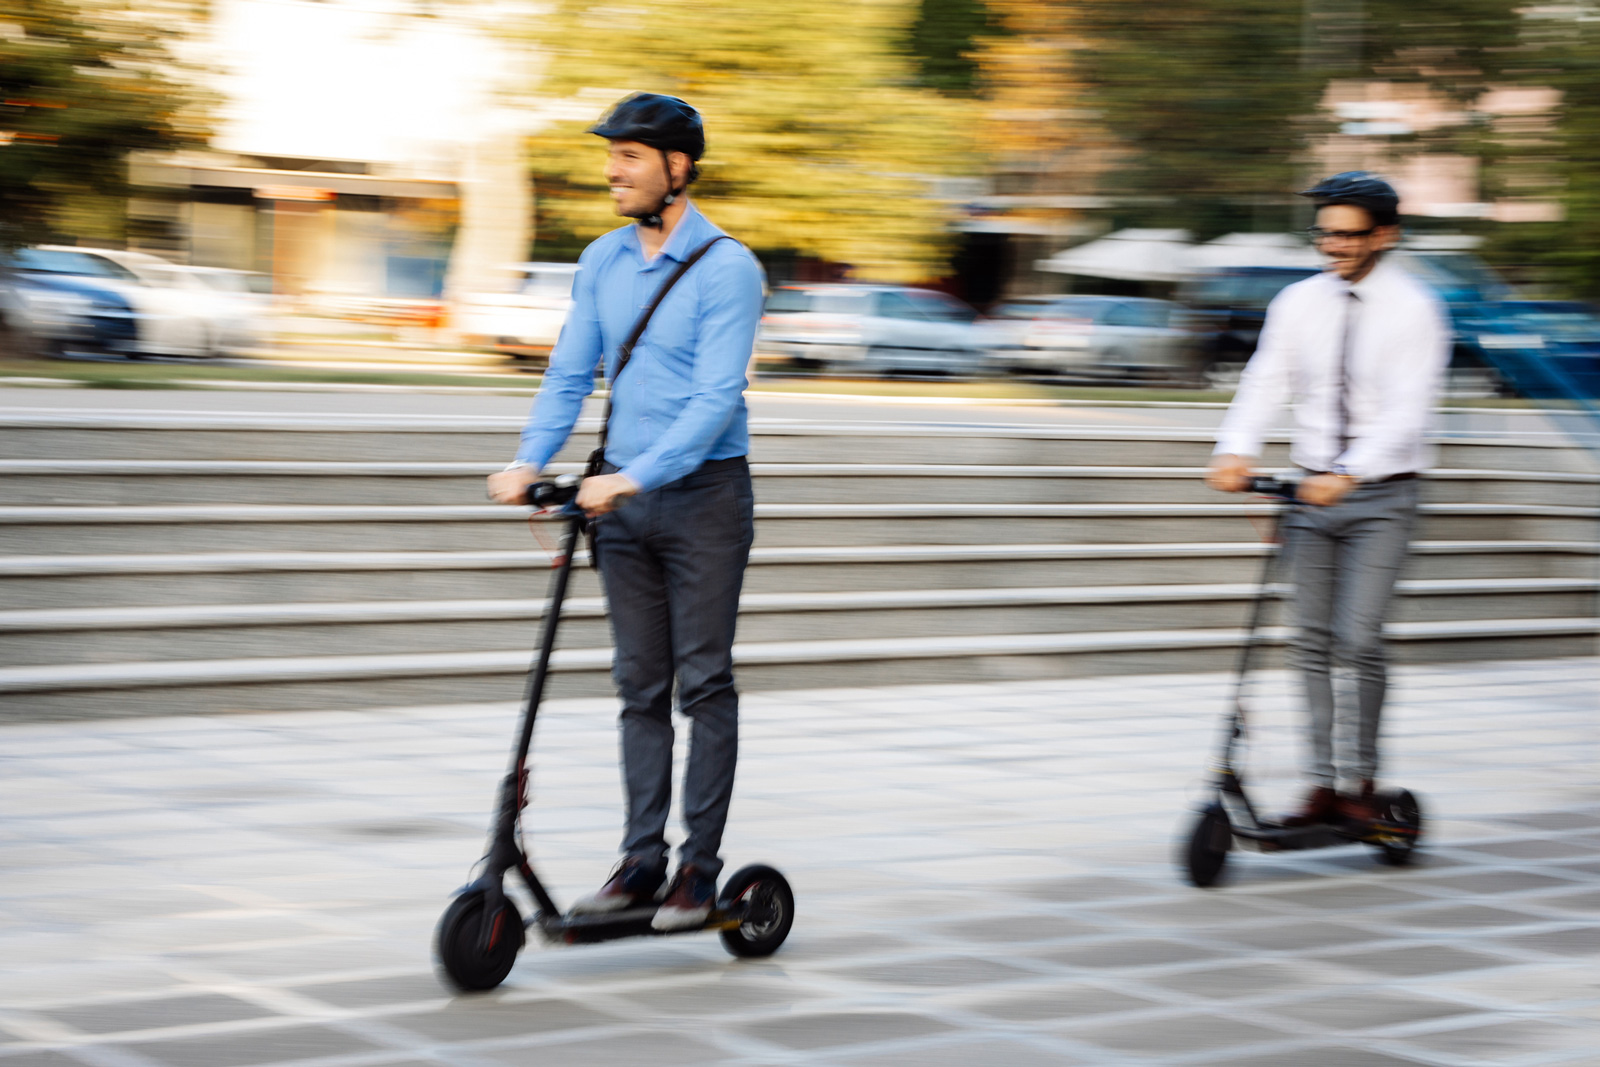 Gut gesichert durch die Stadt: Wer mit dem E-Scooter zur Arbeit düst, sollte auf einen Helm nicht verzichten.